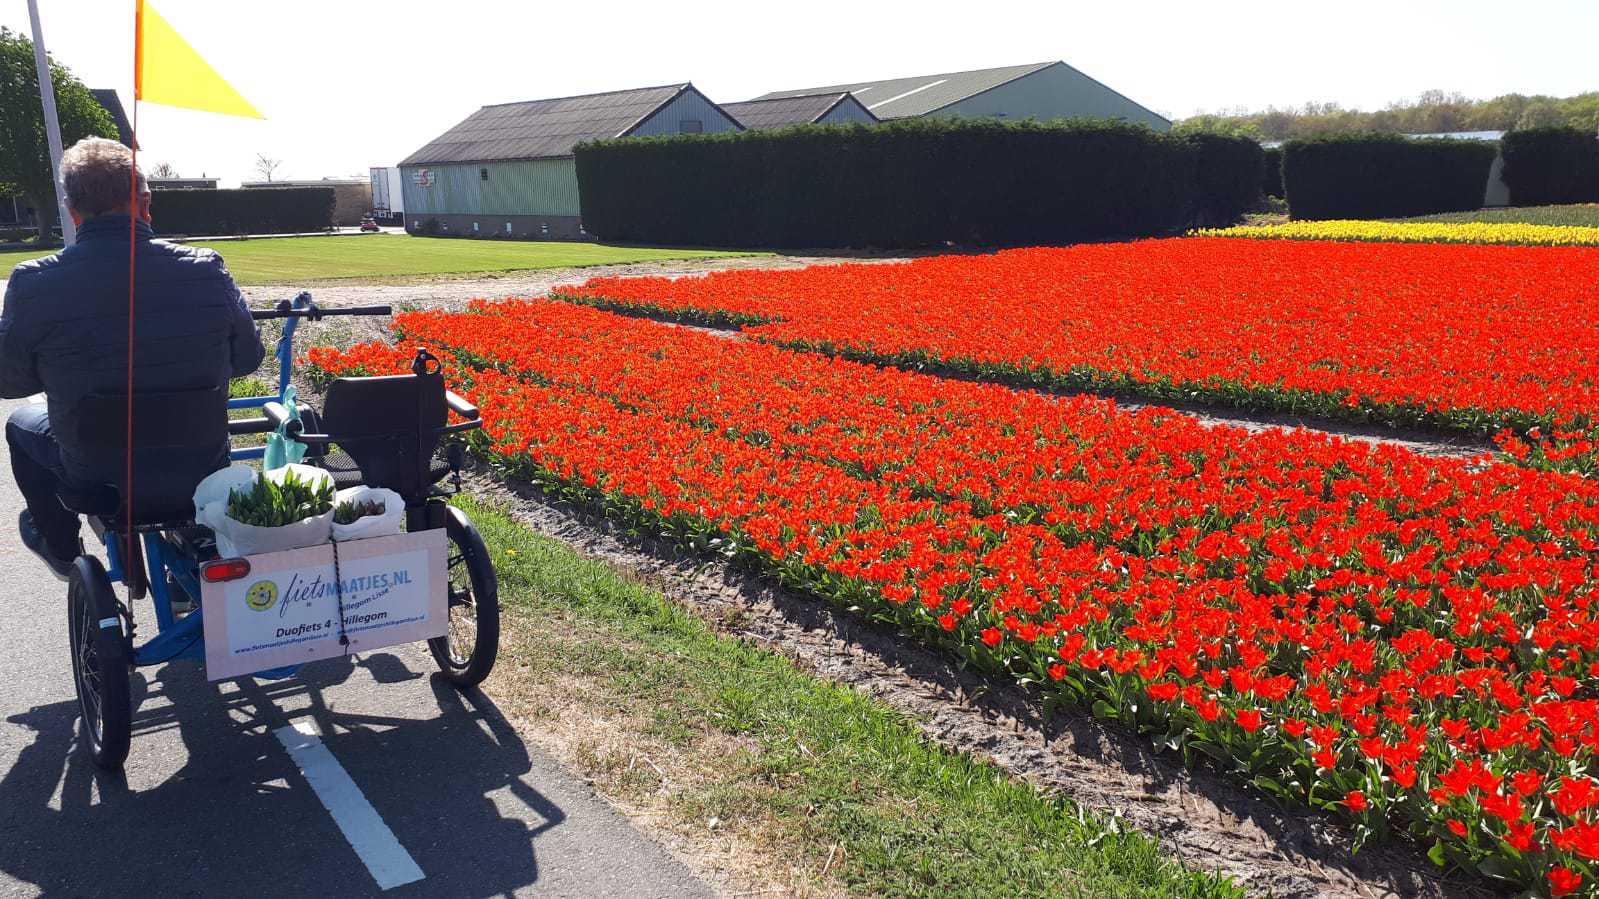 Foto-Ita-duofiets-4-bij-tulpenvelden-nog-even-voor-het-goede-doel